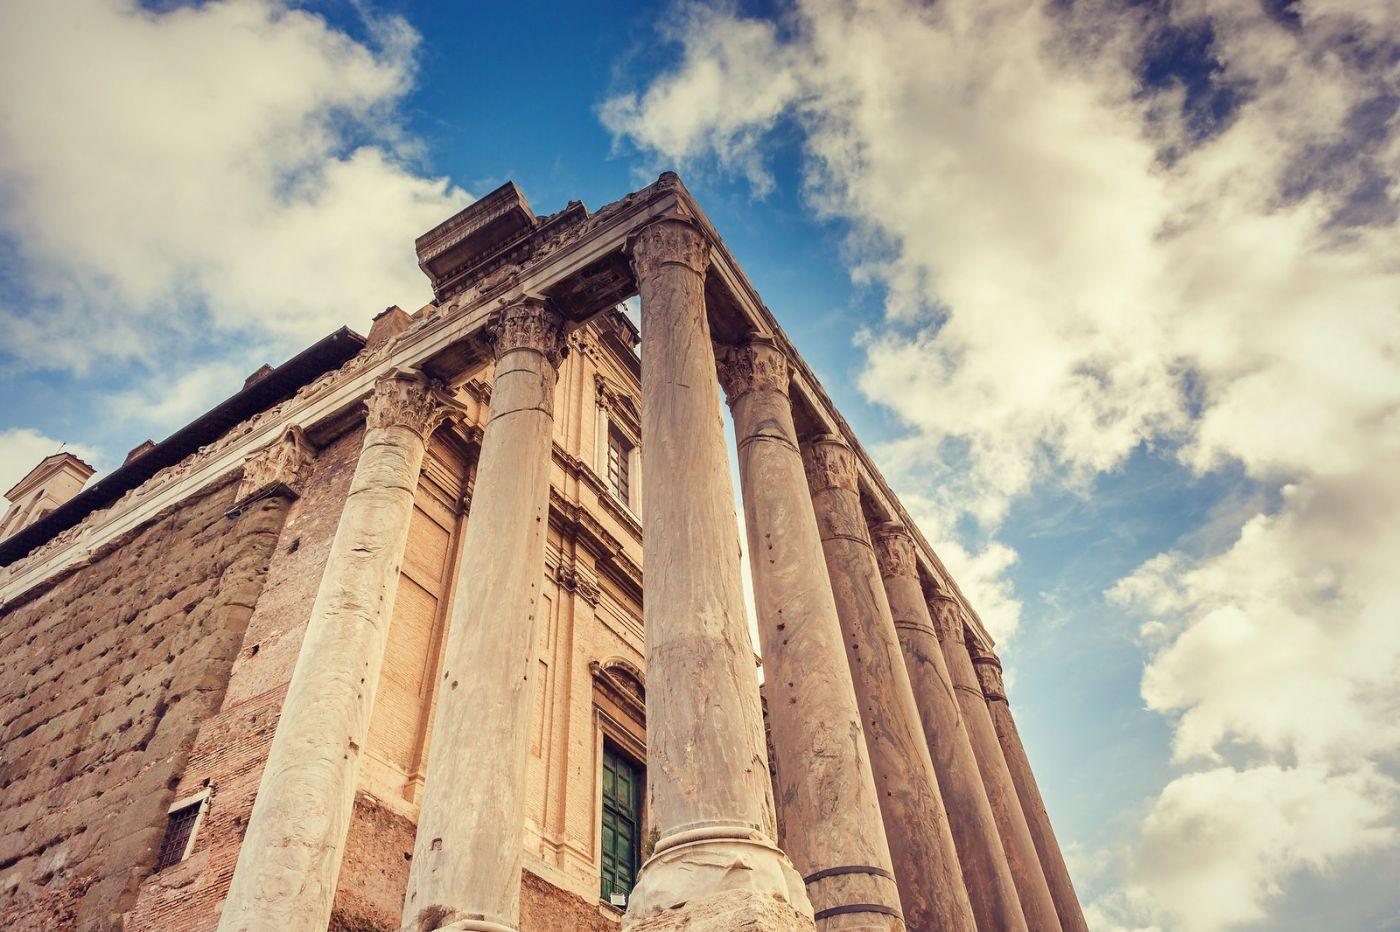 意大利罗马论坛,很敬佩_图1-15